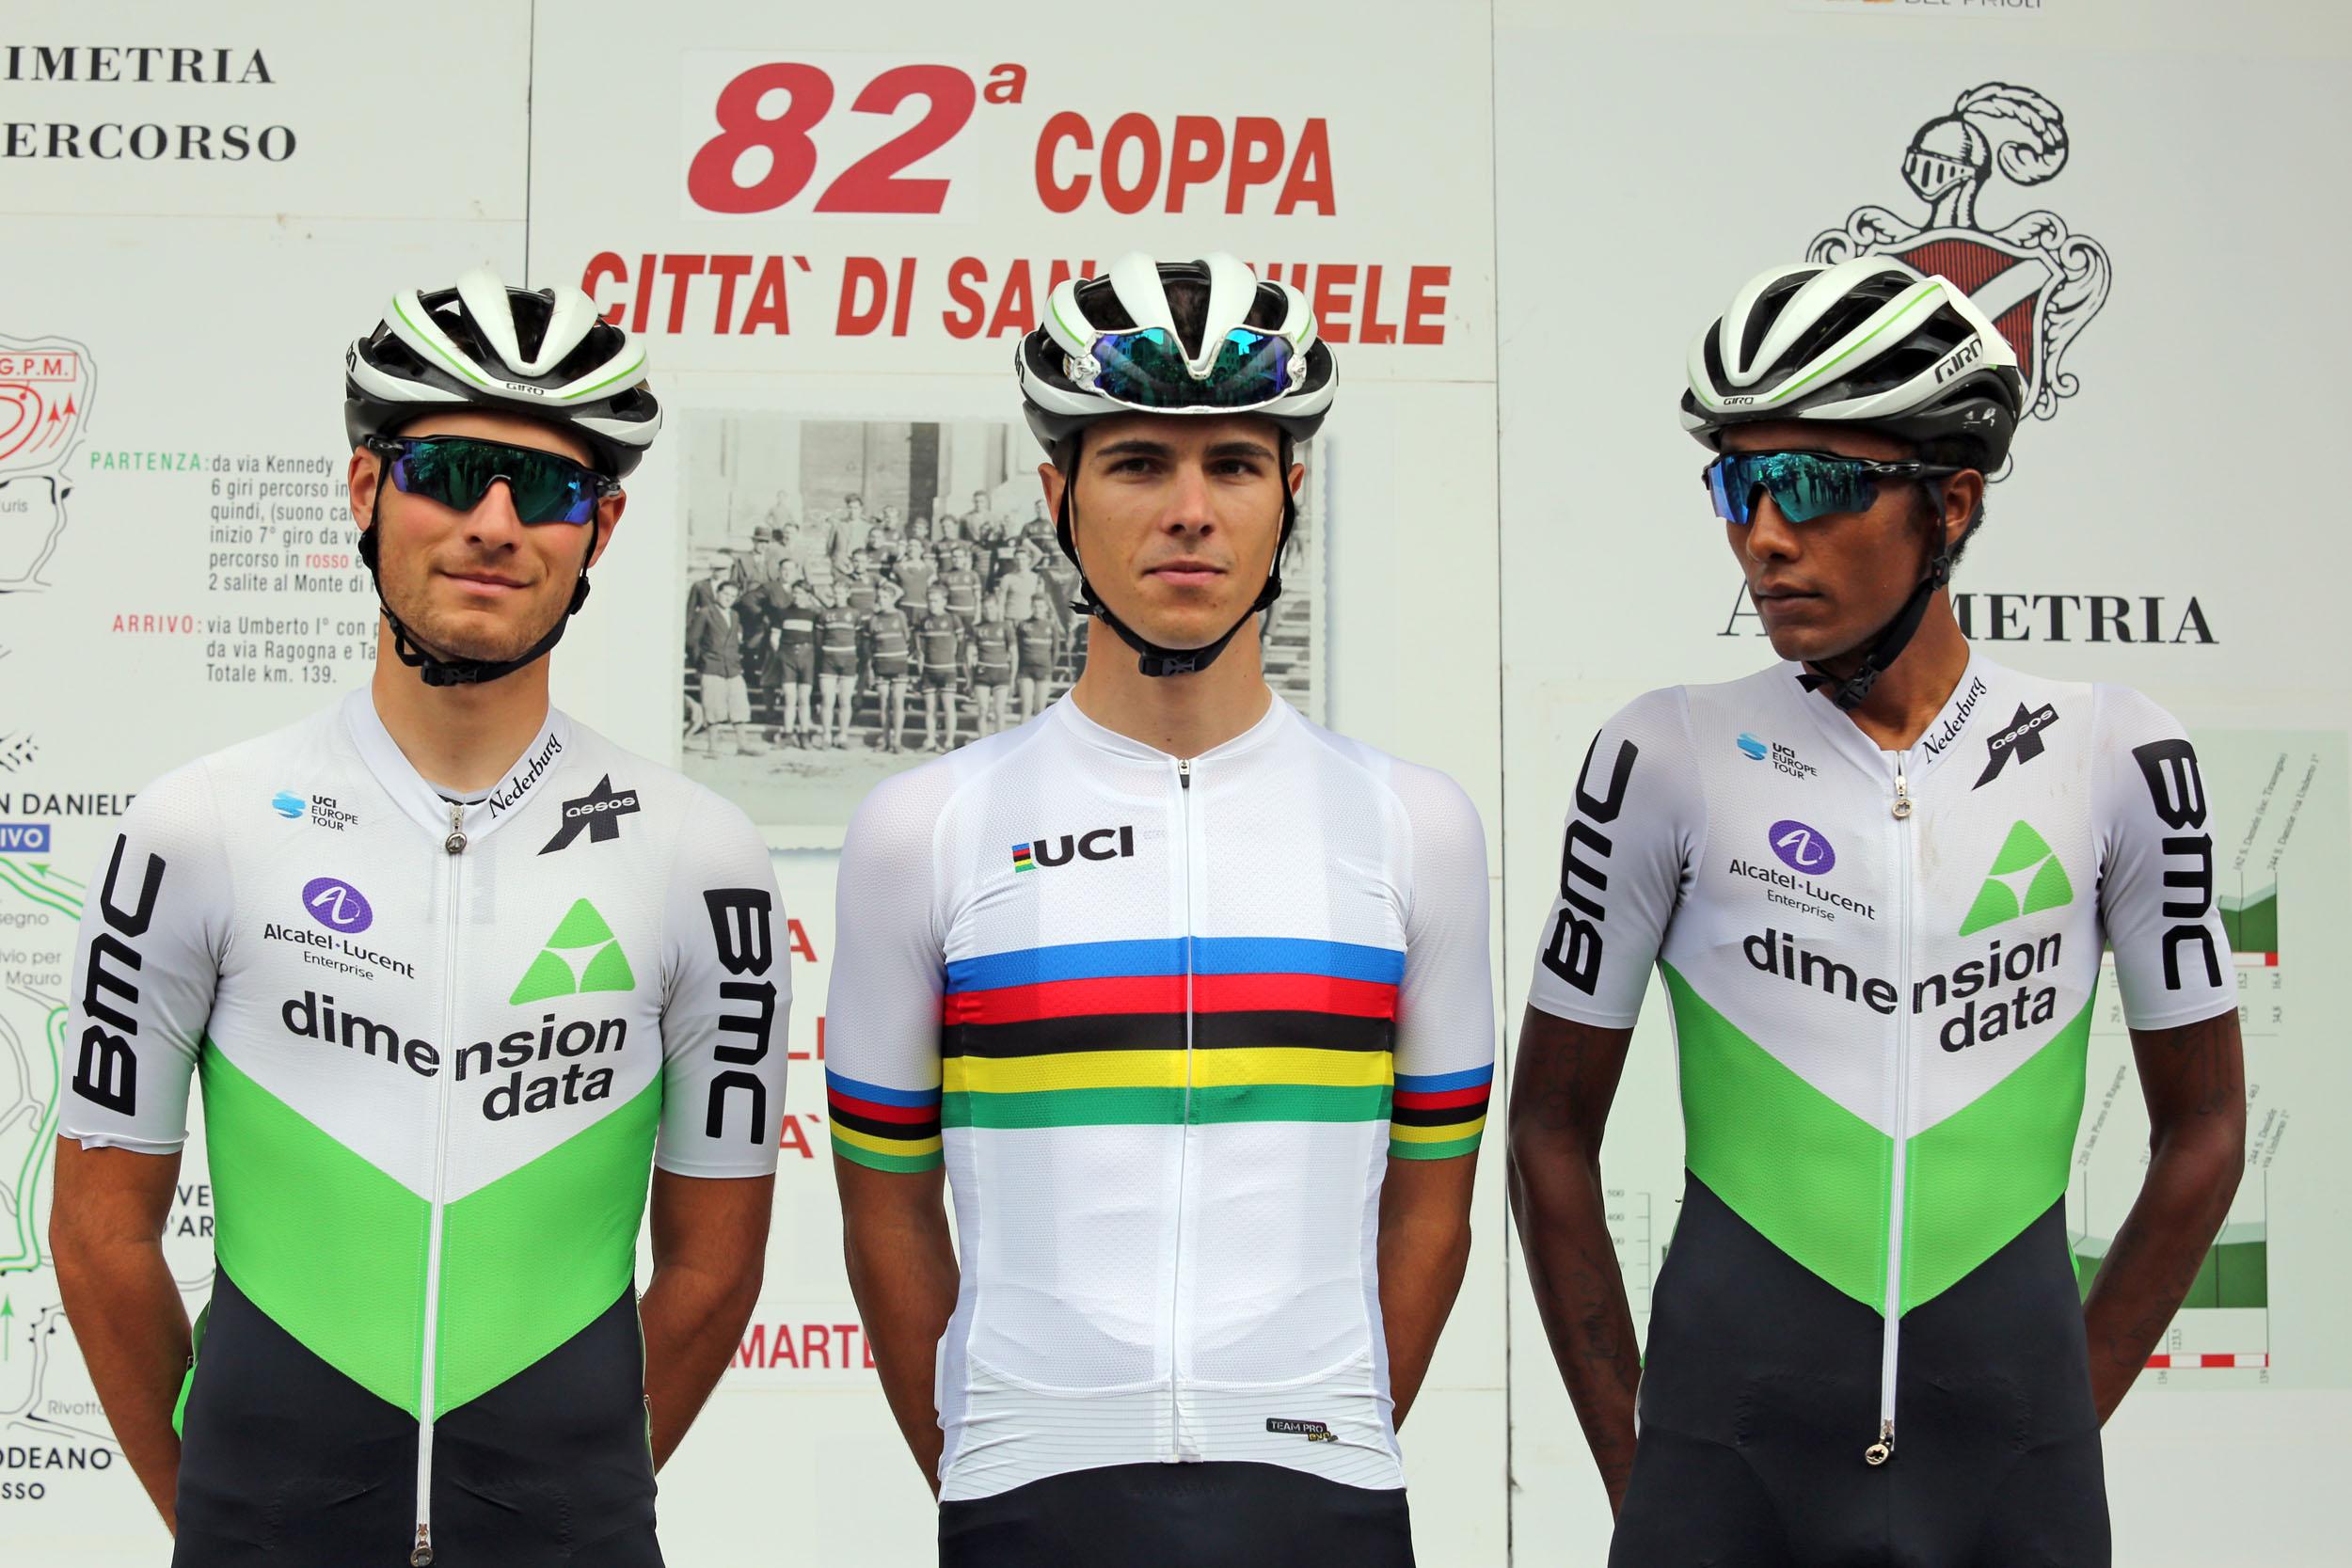 Il Campione del Mondo Samuele Battistella